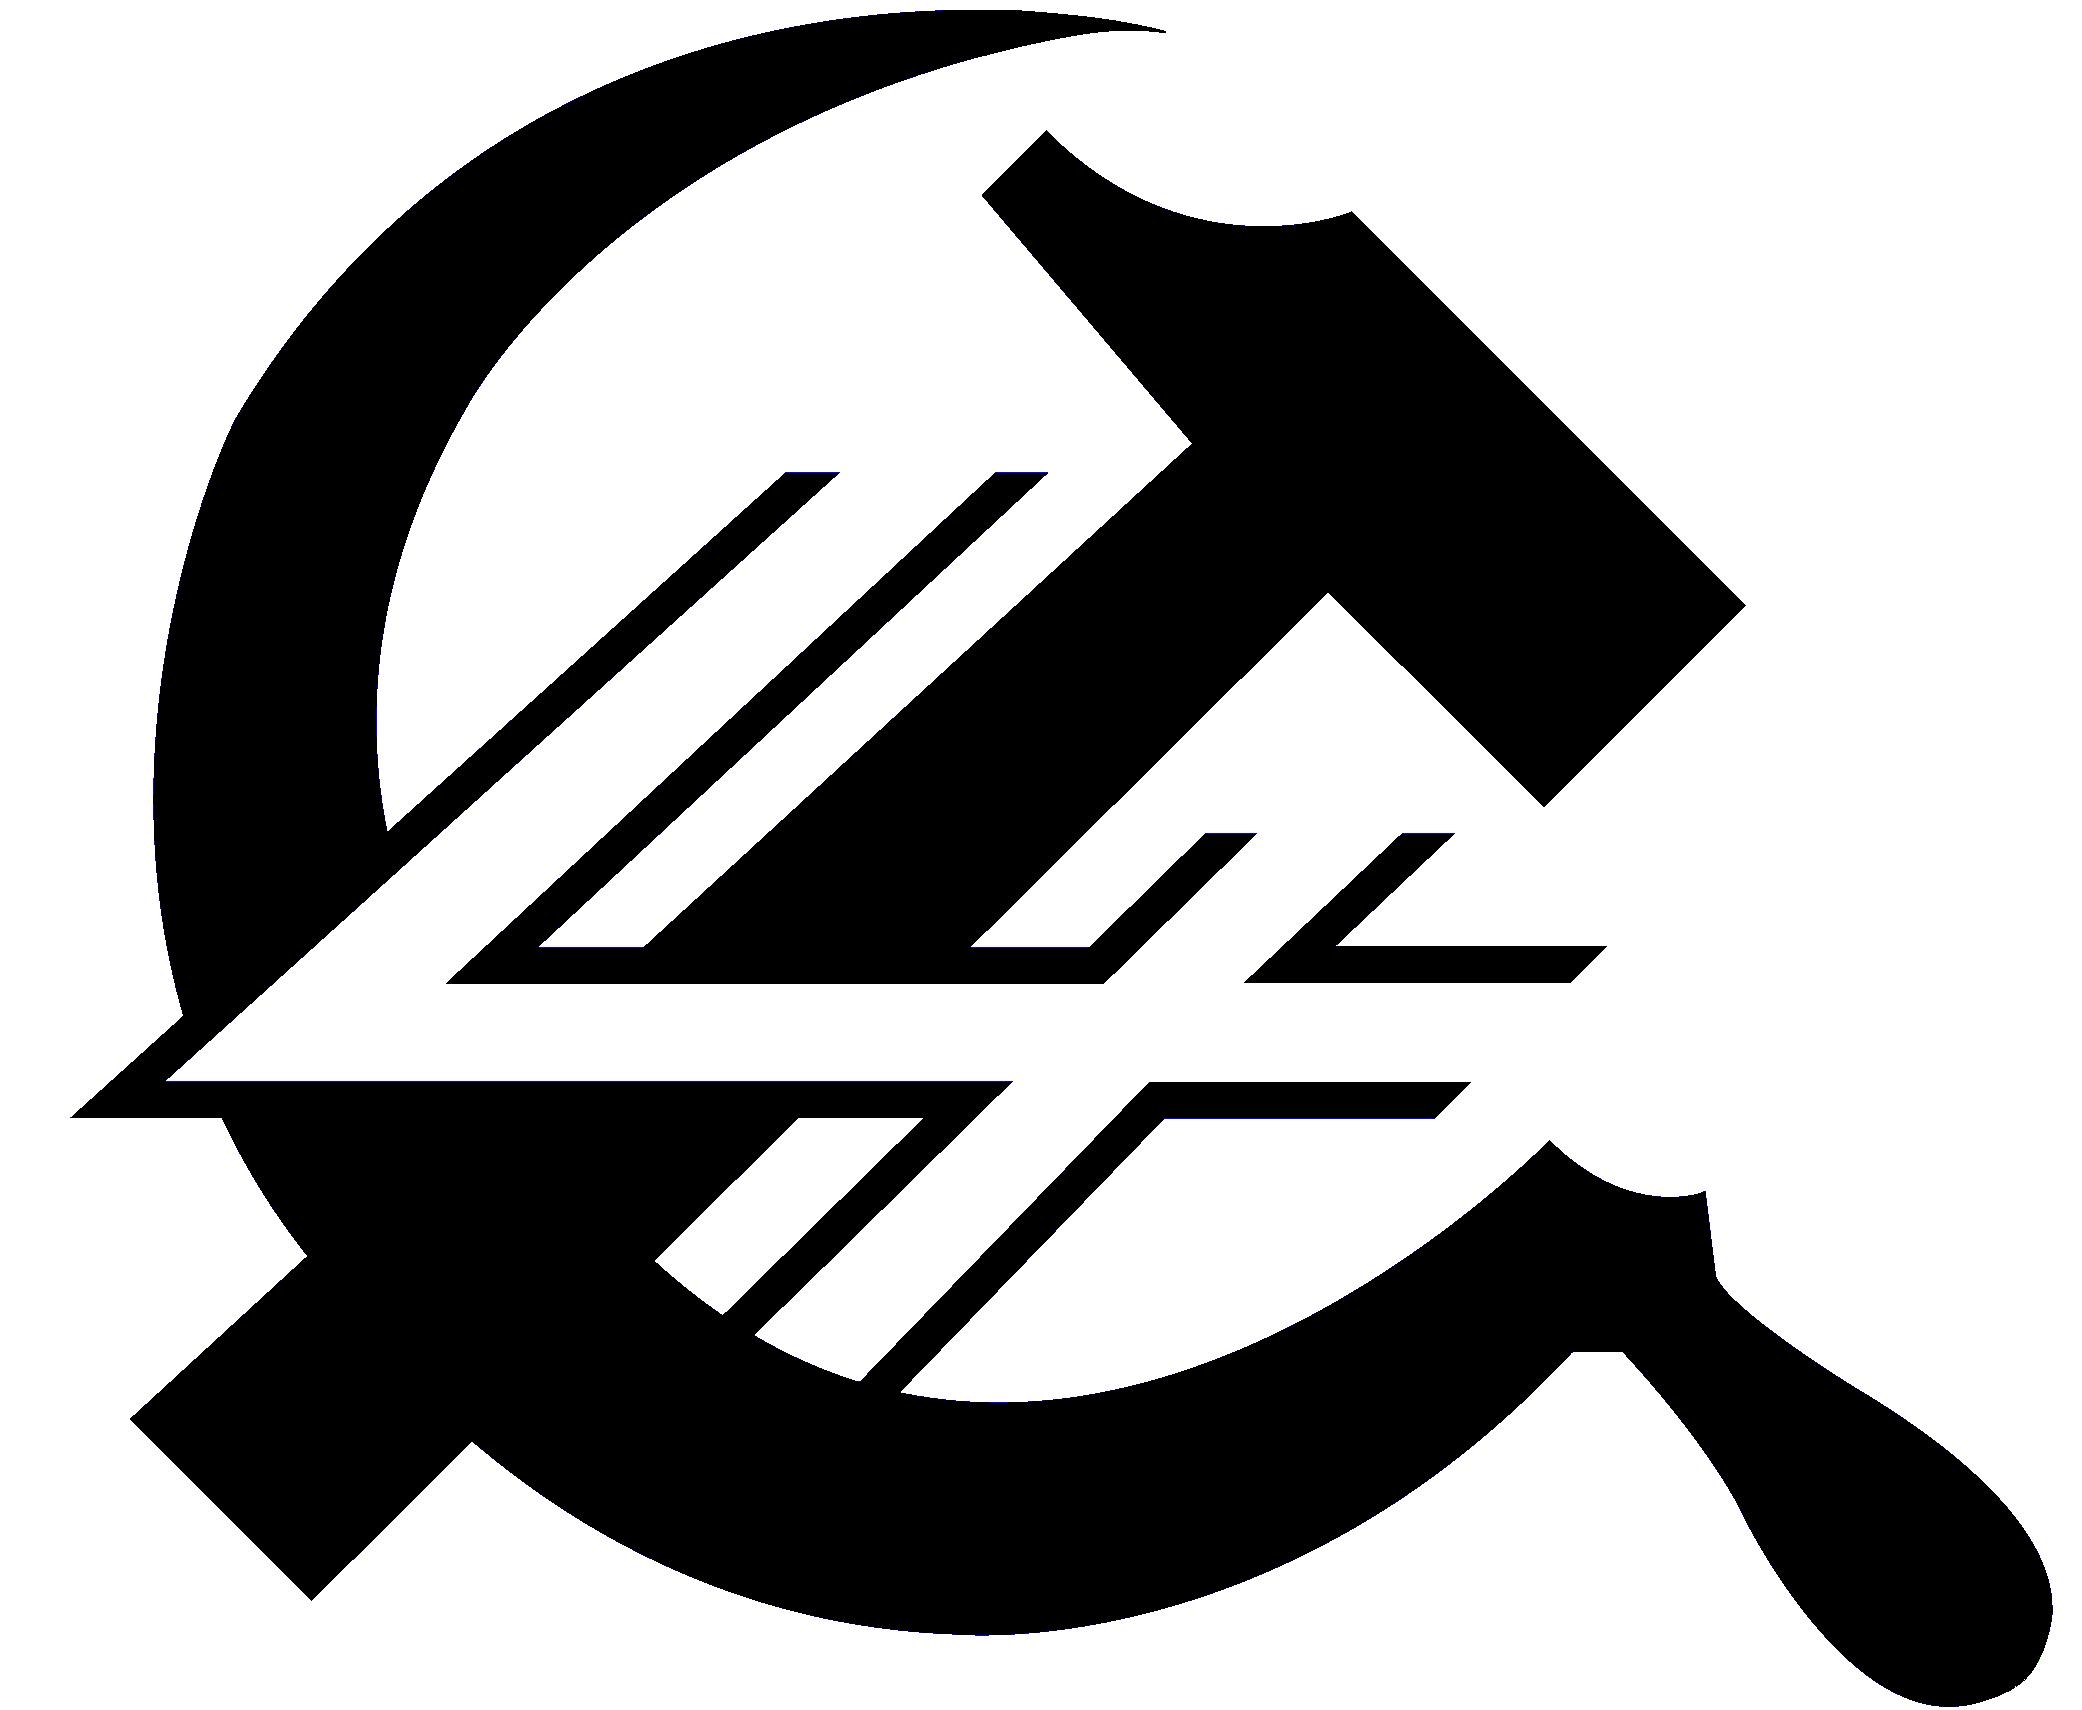 Carta aberta à Fração Trotskista